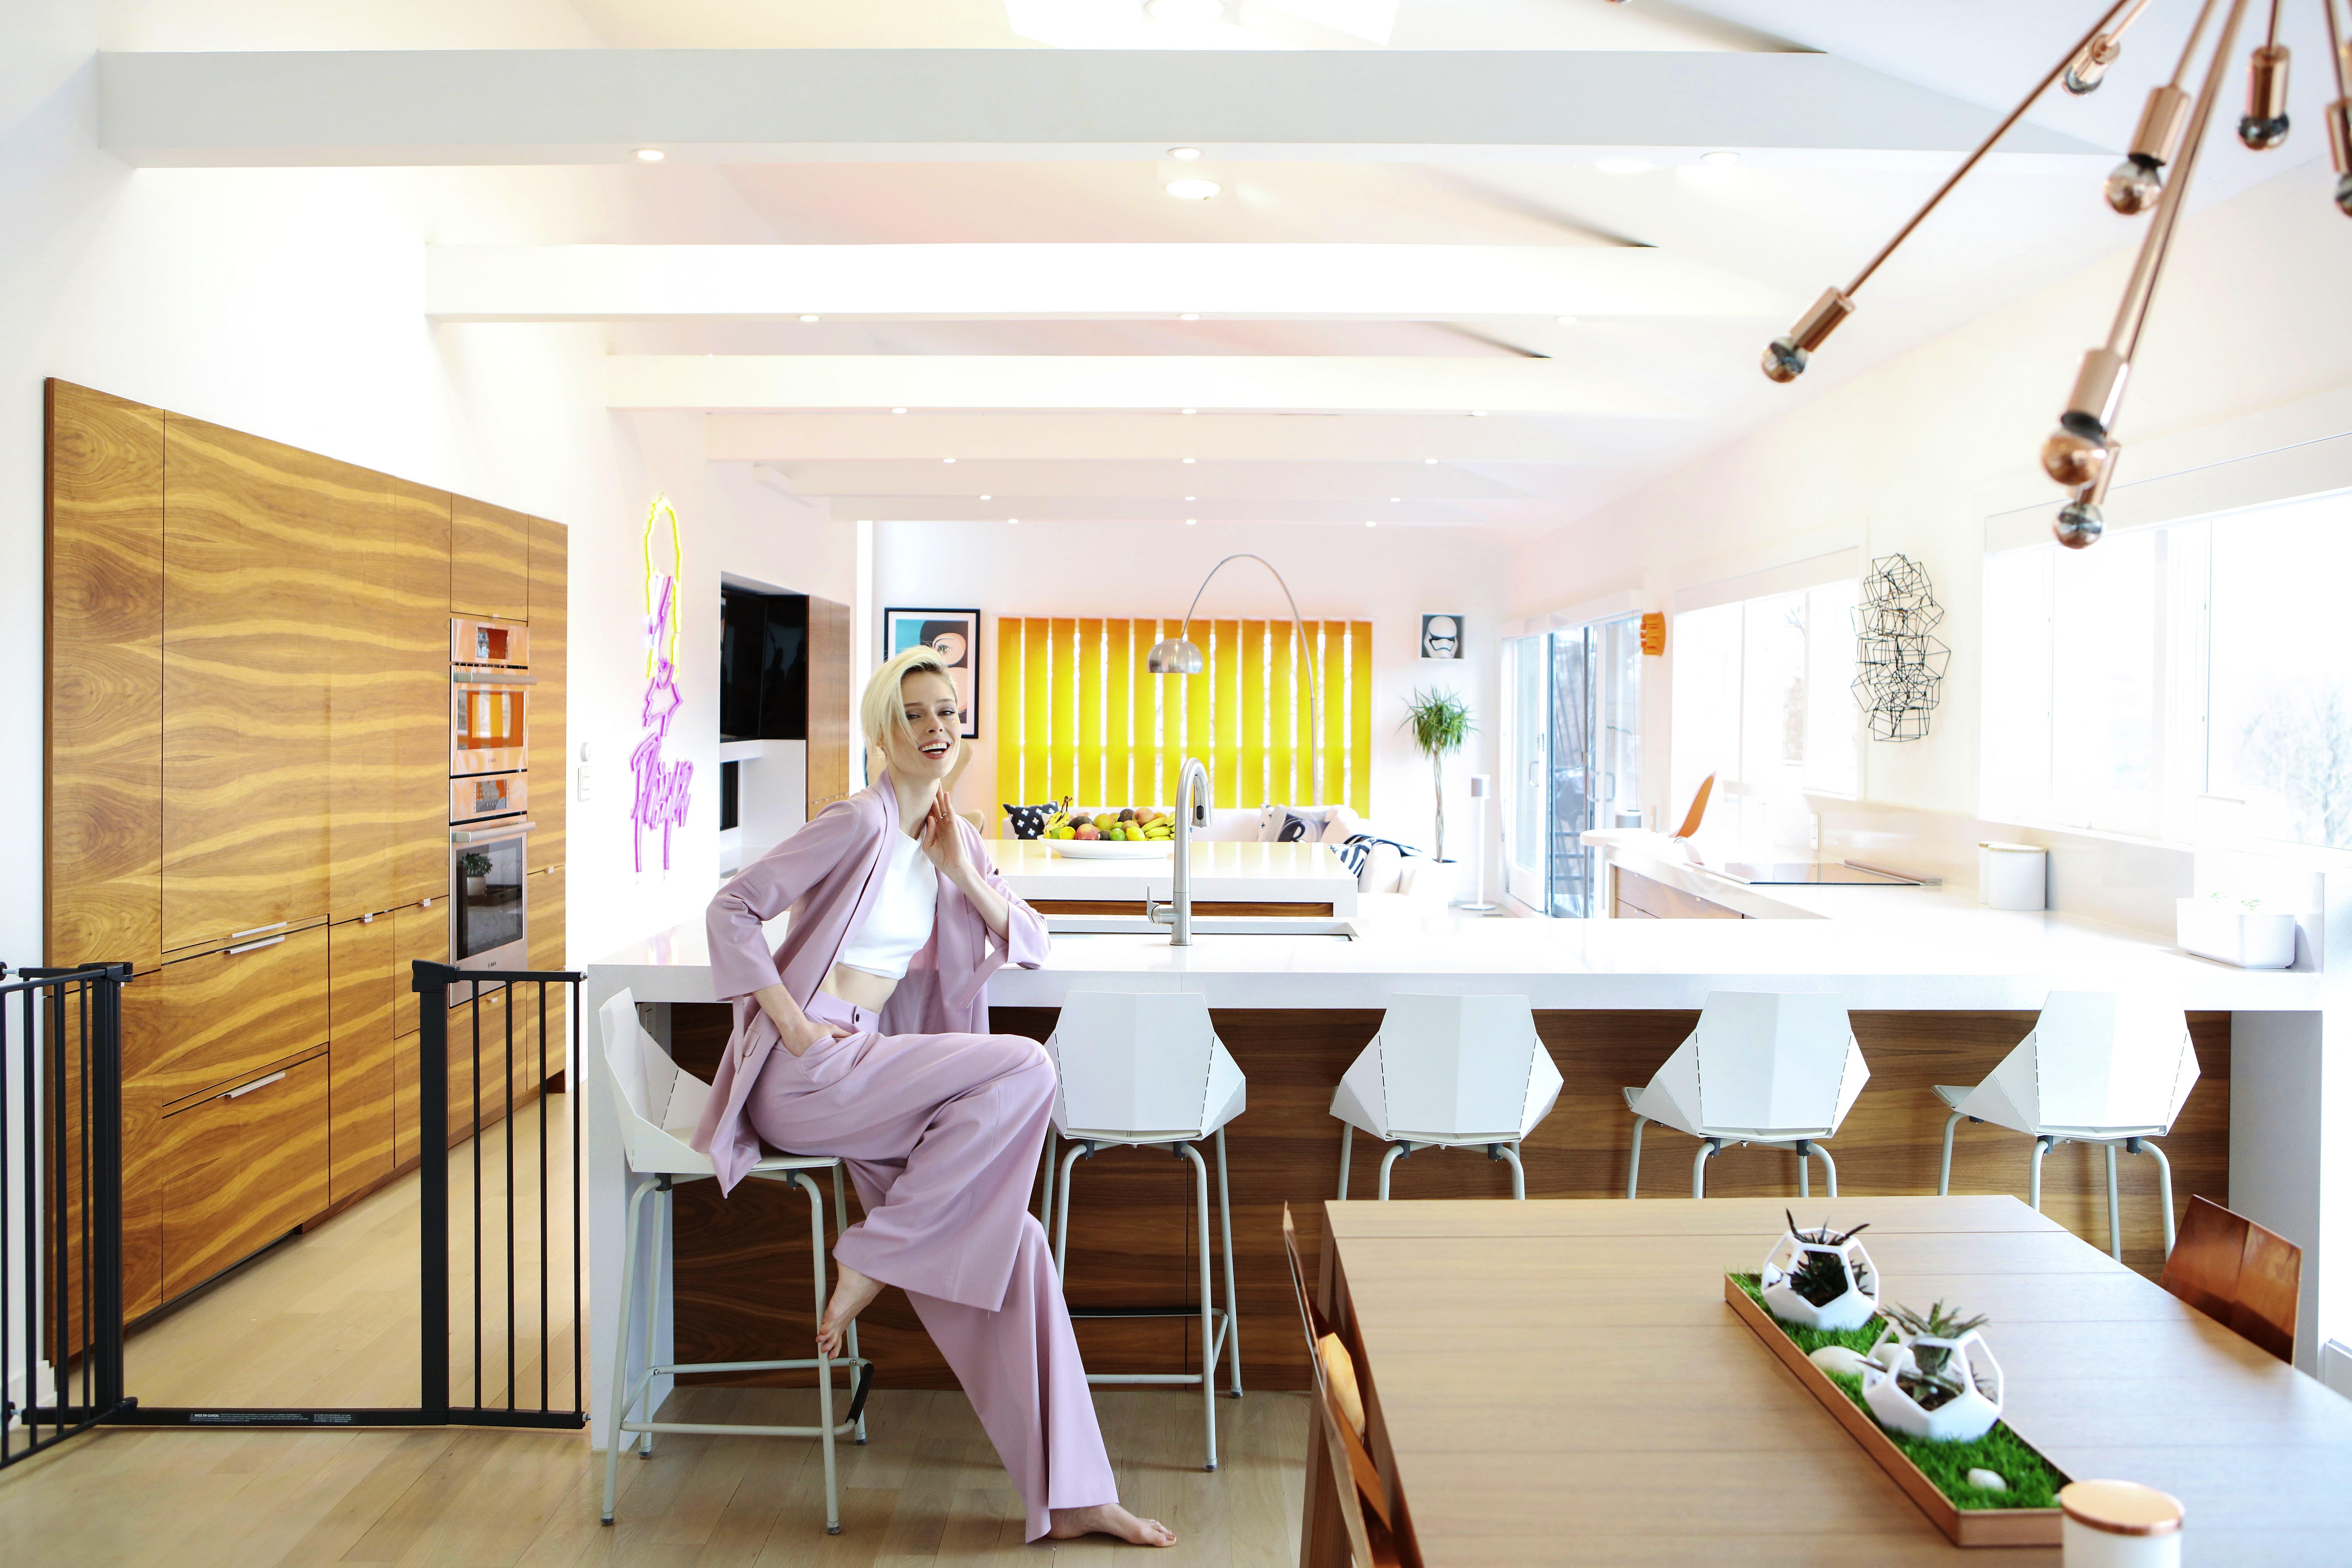 6. coco rocha kitchen overall with coco 2 | Cosentino